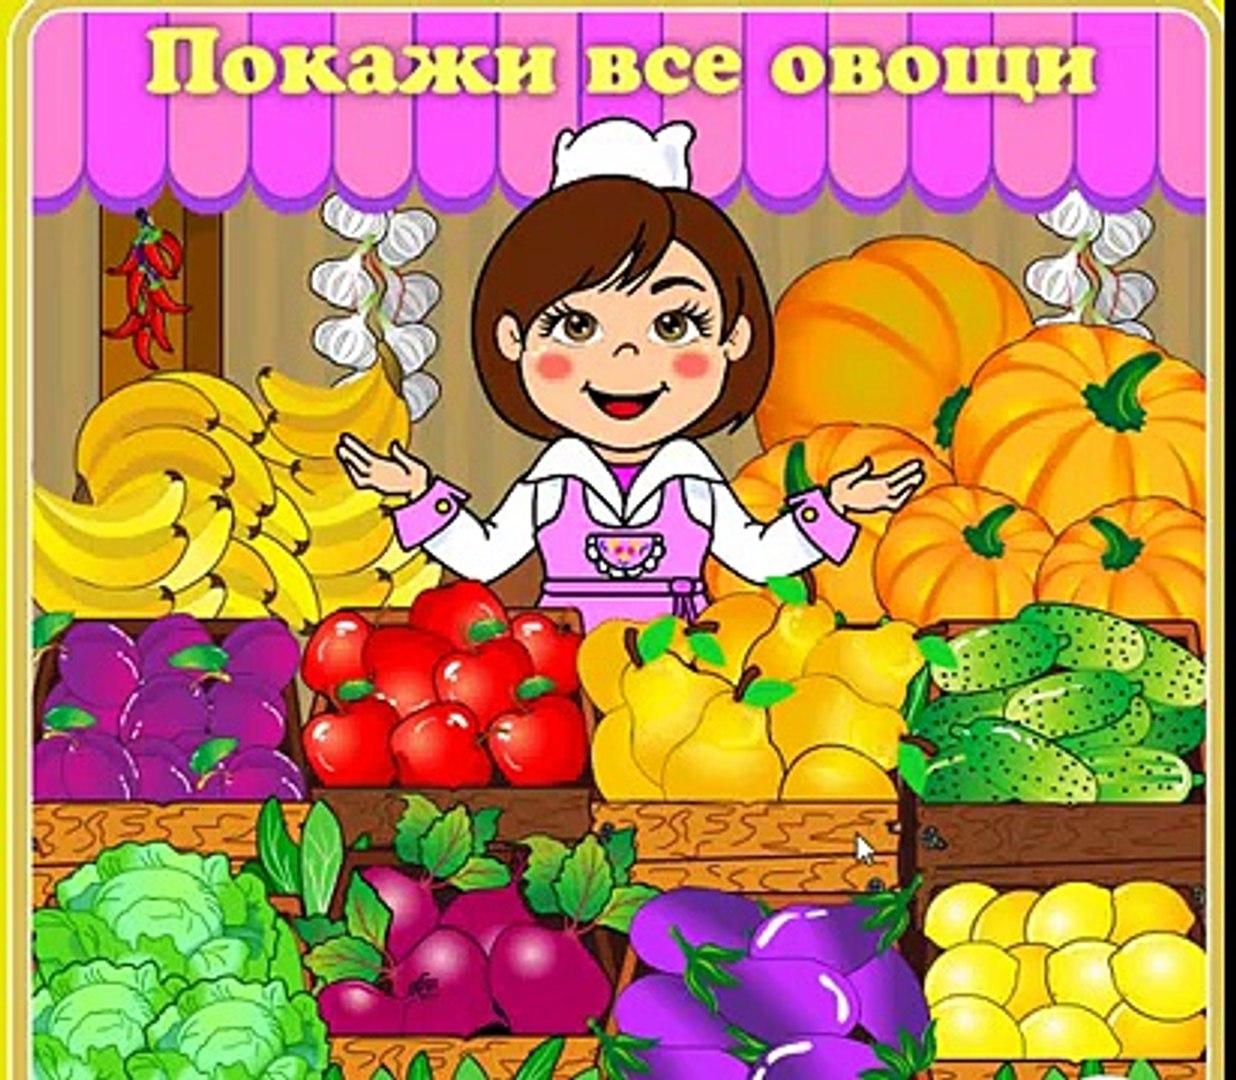 ДЛЯ ФУРШЕТА учим фрукты овощи и ягоды самых маленьких развивающий мультик детей